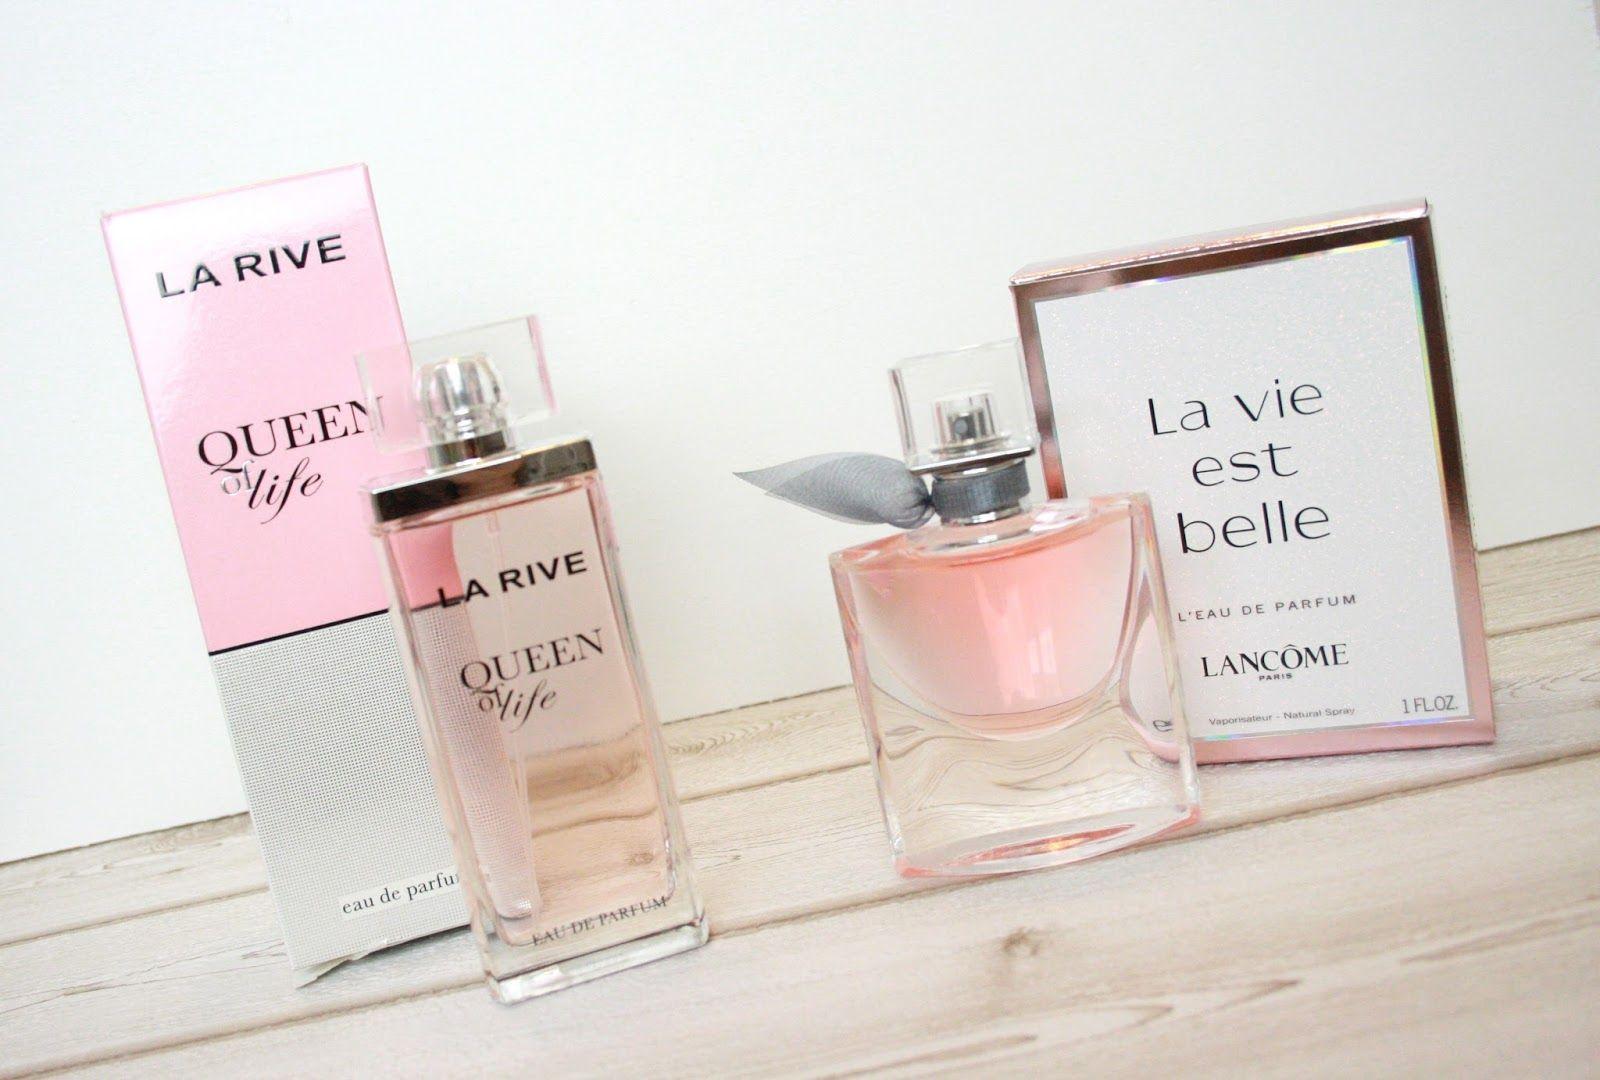 Berühmt BeautyGarten: Lancôme - La vie est belle Dupe? | Makeup dupes &MT_29